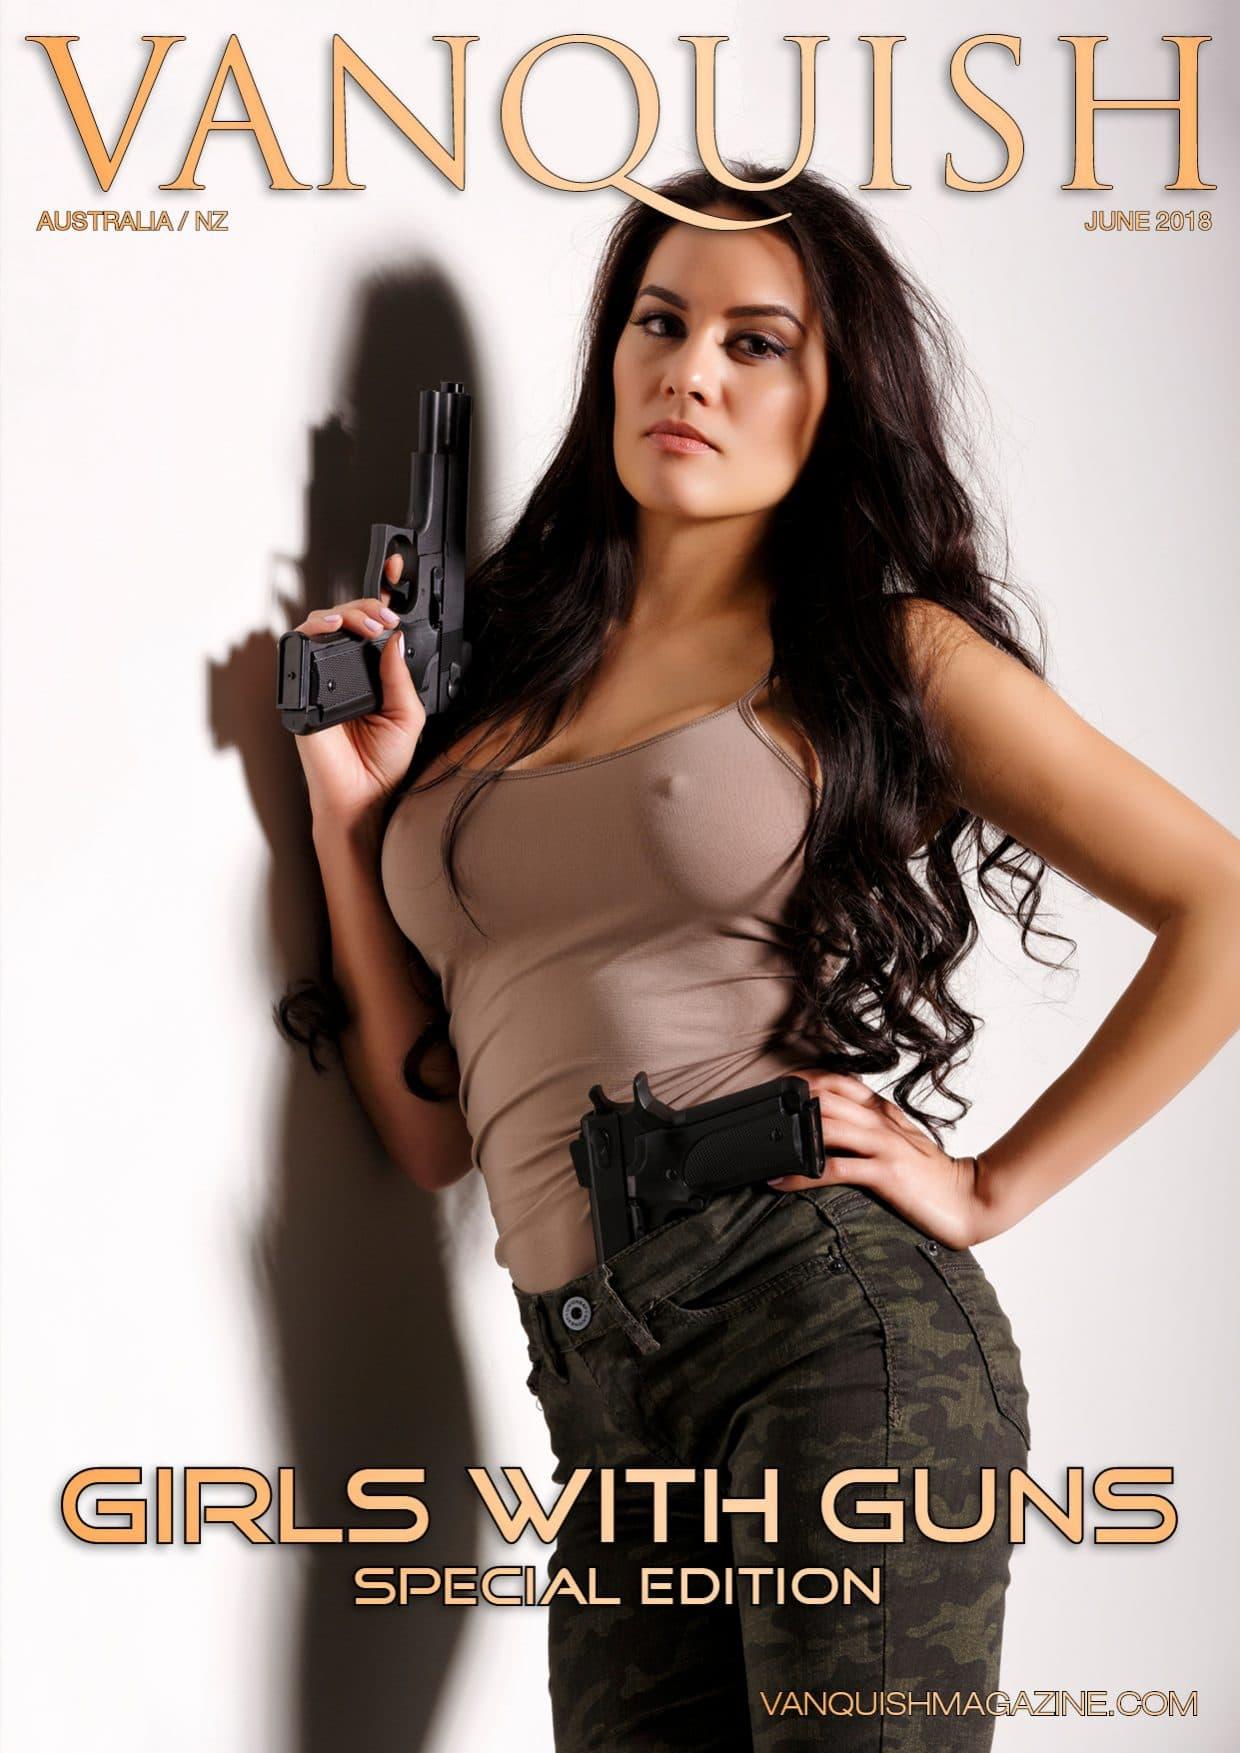 Vanquish Magazine - Girls with Guns - Sarah Maria Paul 1